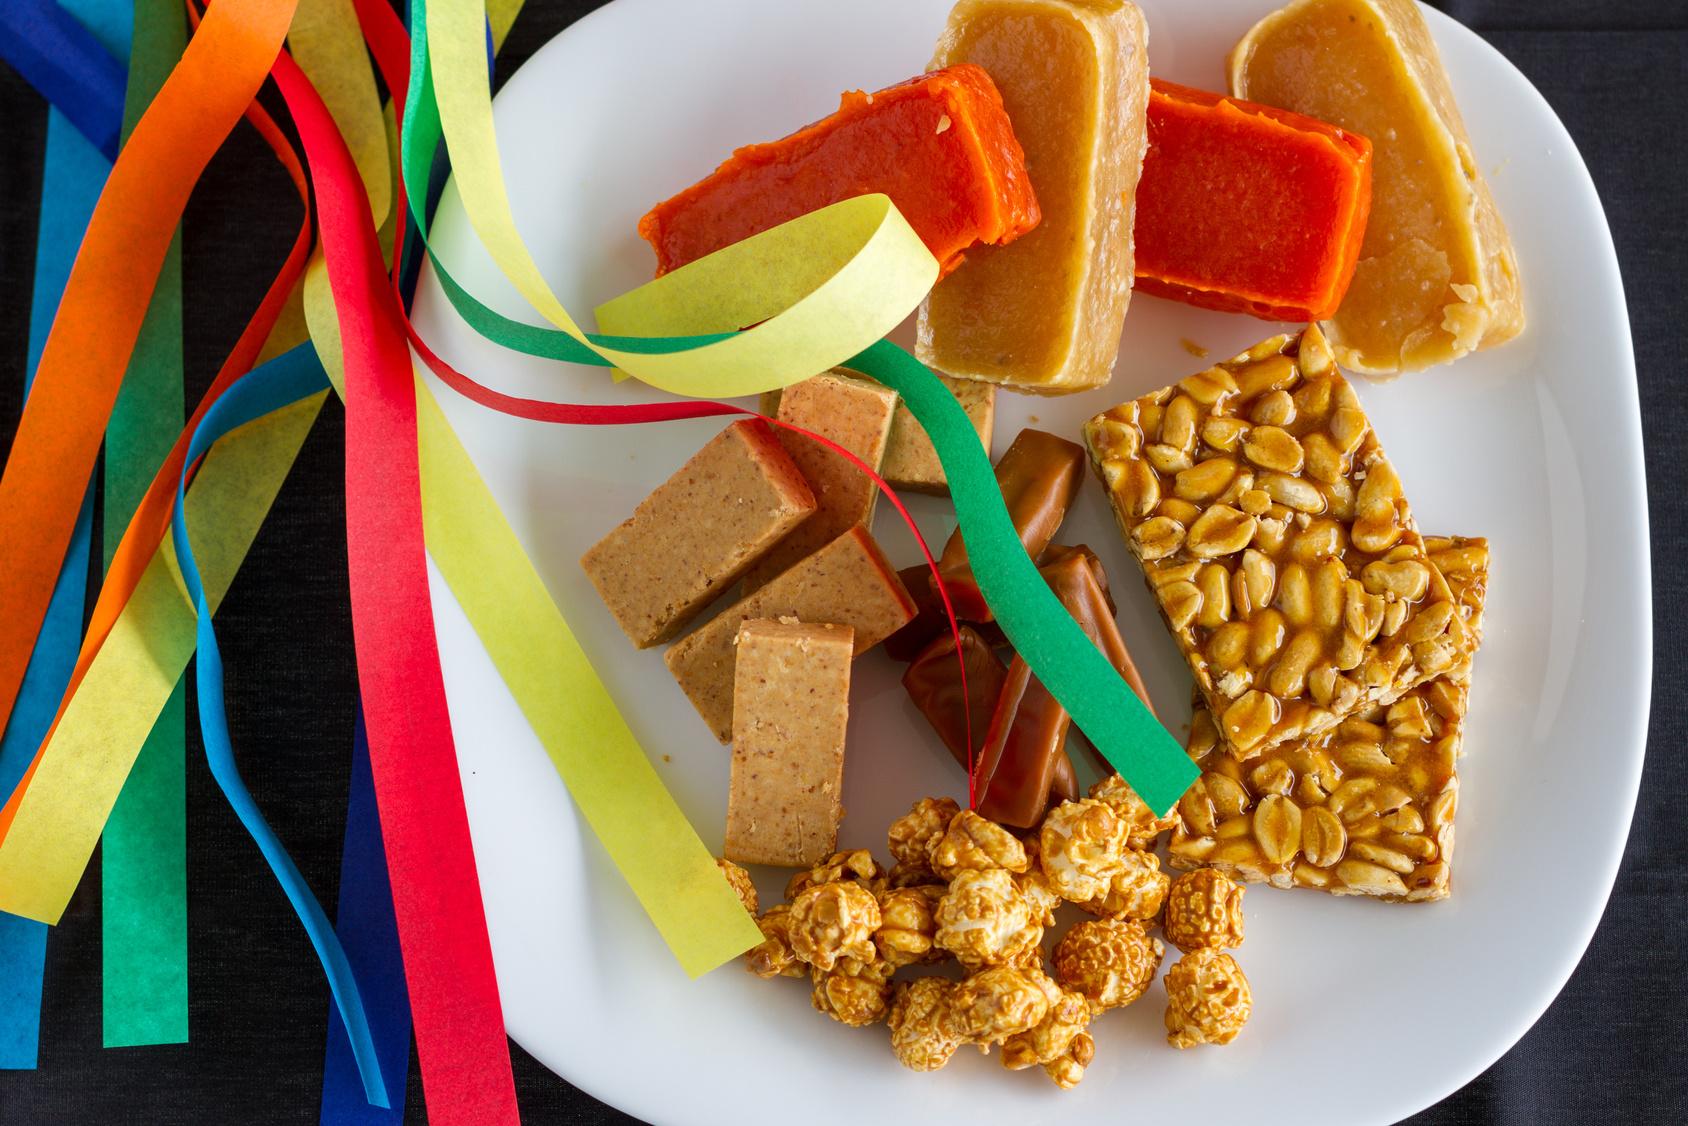 Salsicha, paçoca, arroz-doce e canjica, por exemplo, possuem quase 400 calorias em apenas 100 gramas Foto: Isabel Fragoso Marin/Fotolia